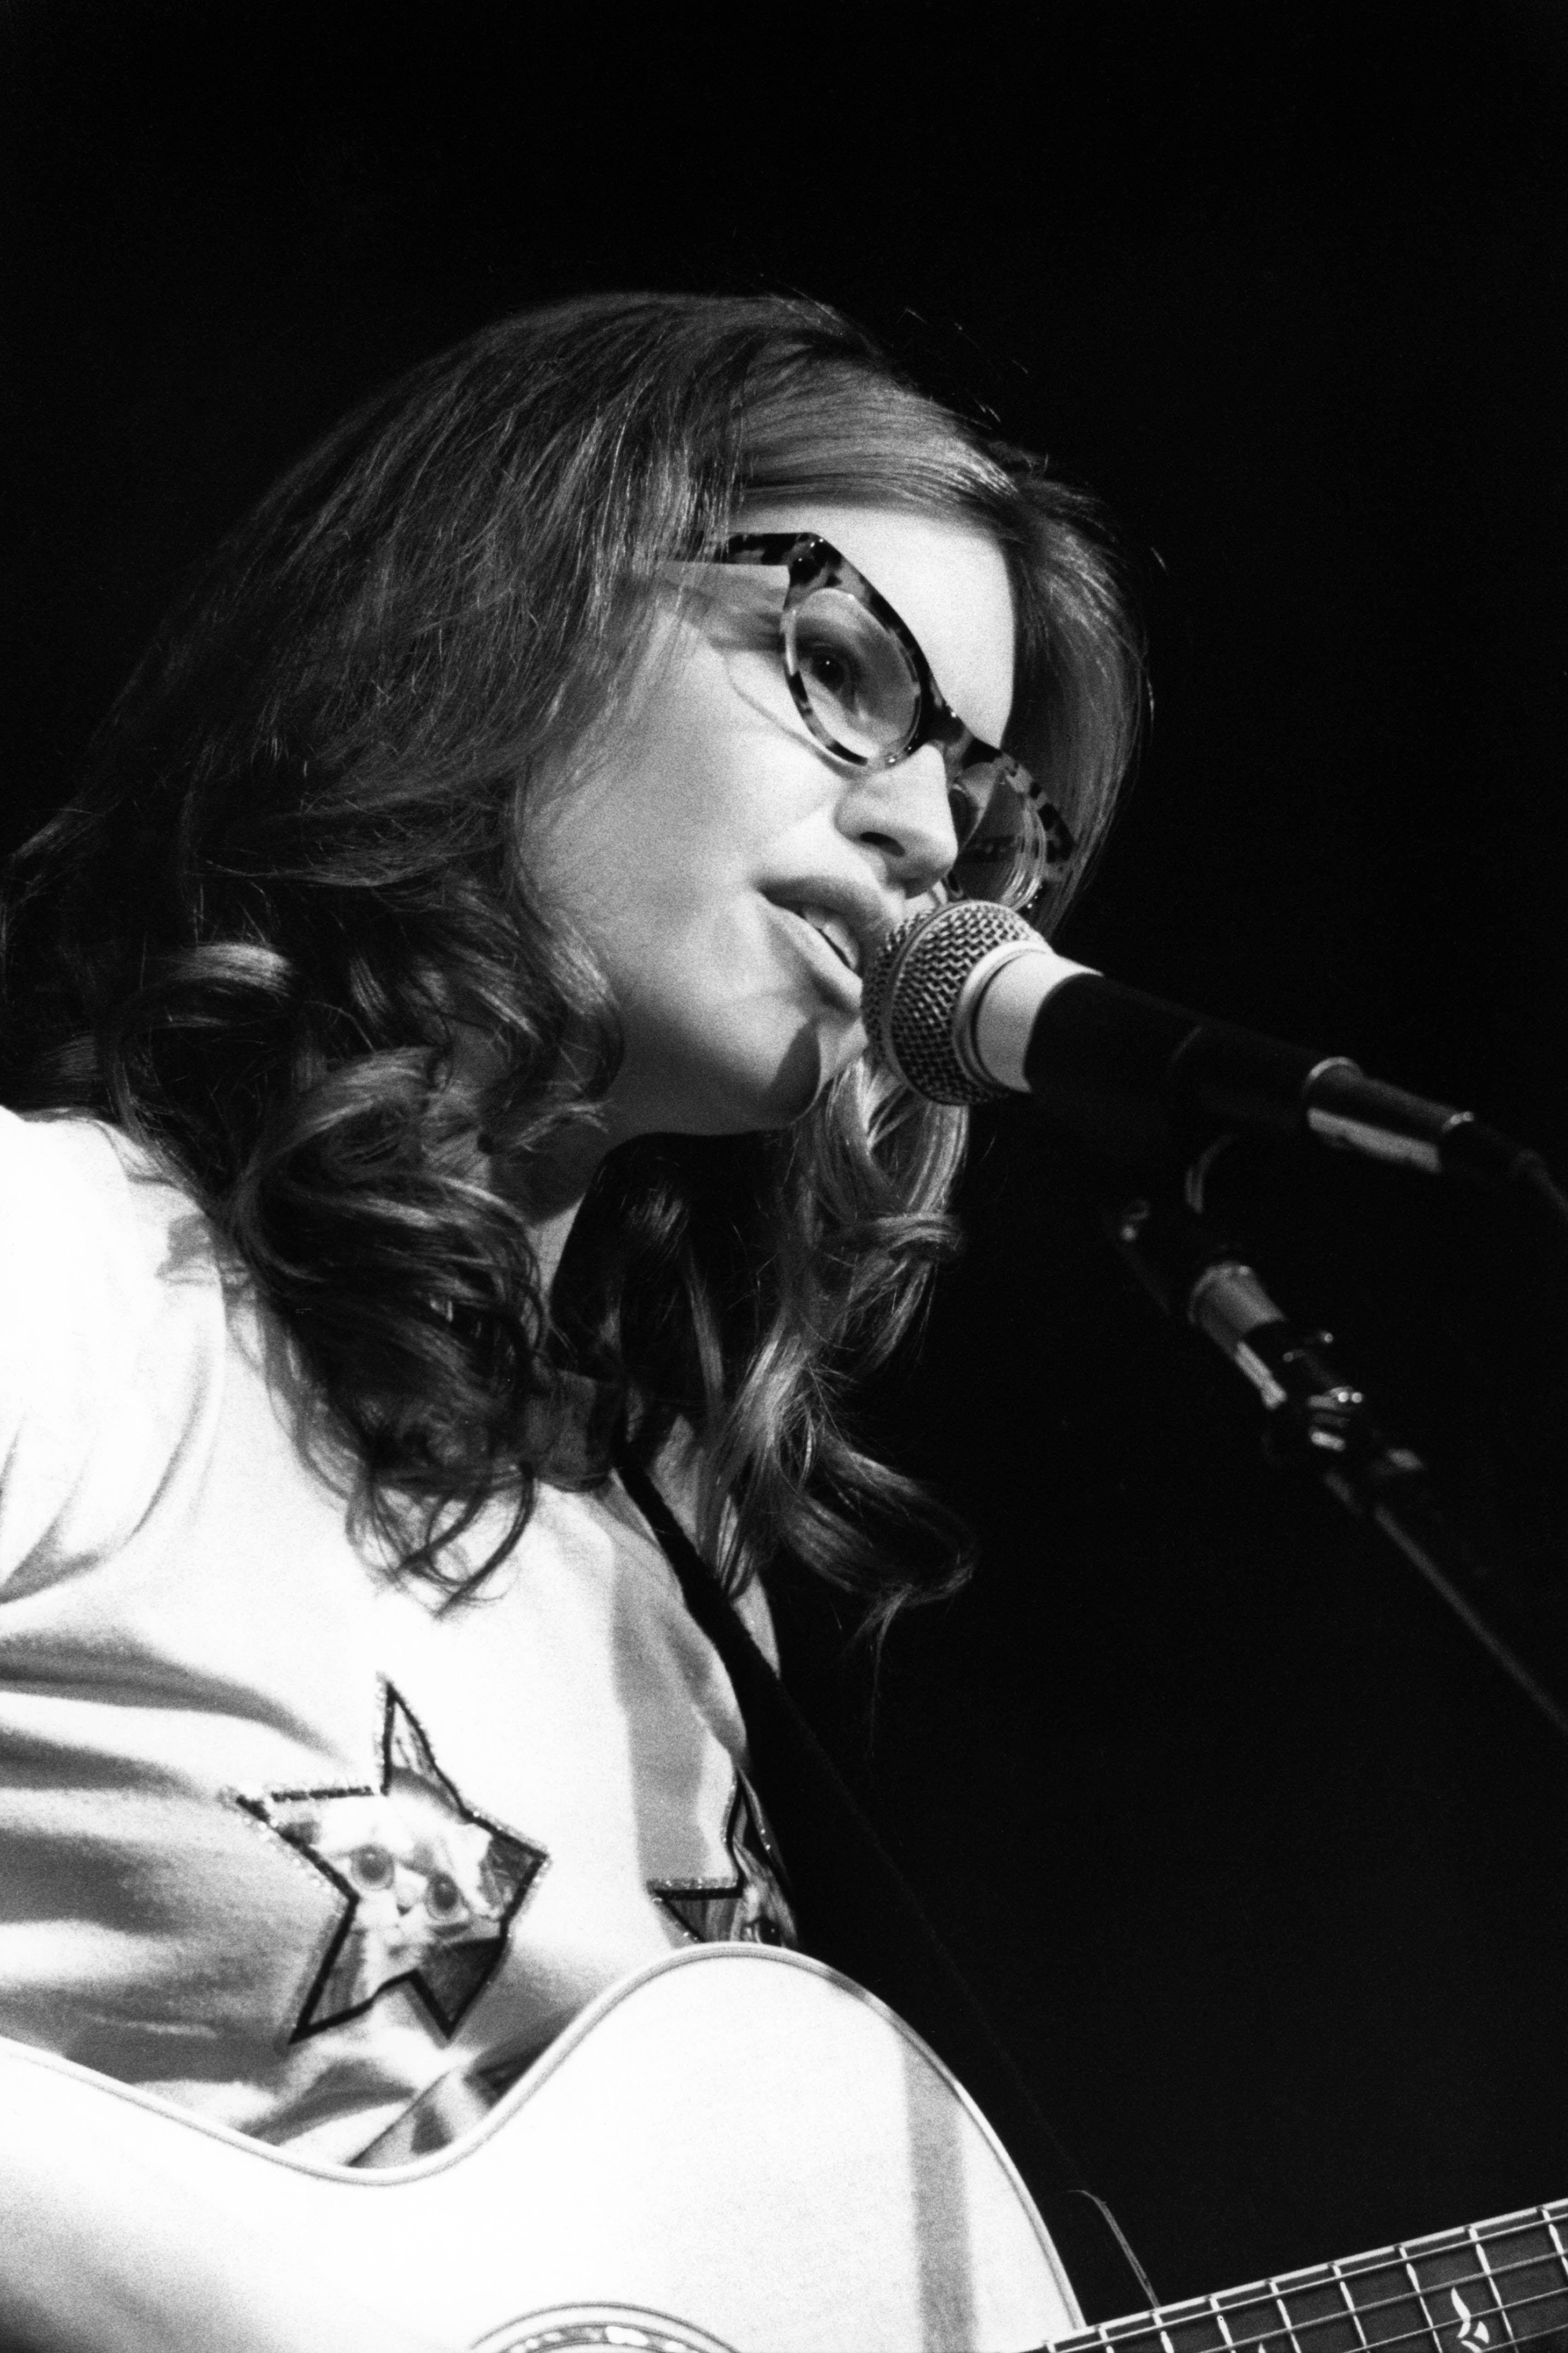 Valeria Bruni Tedeschi (born 1964)